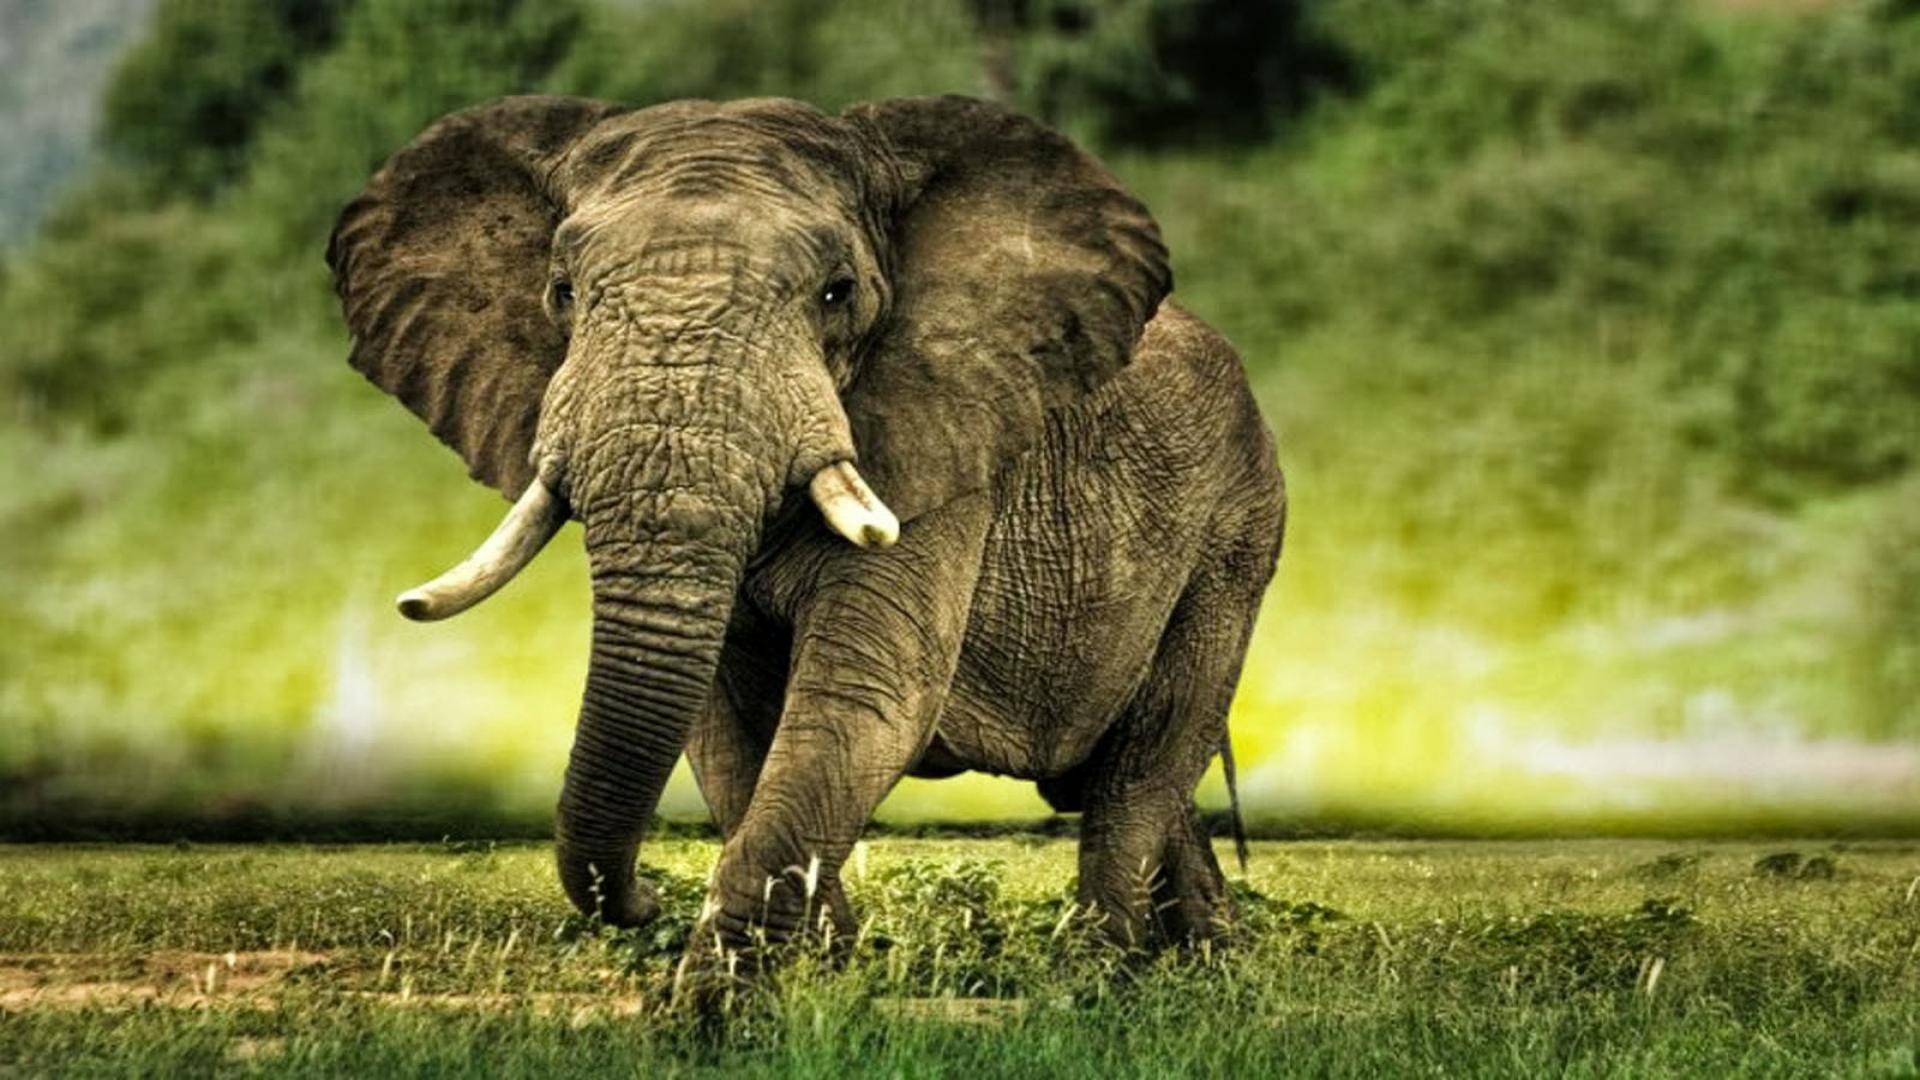 Elephant Beautiful Photo